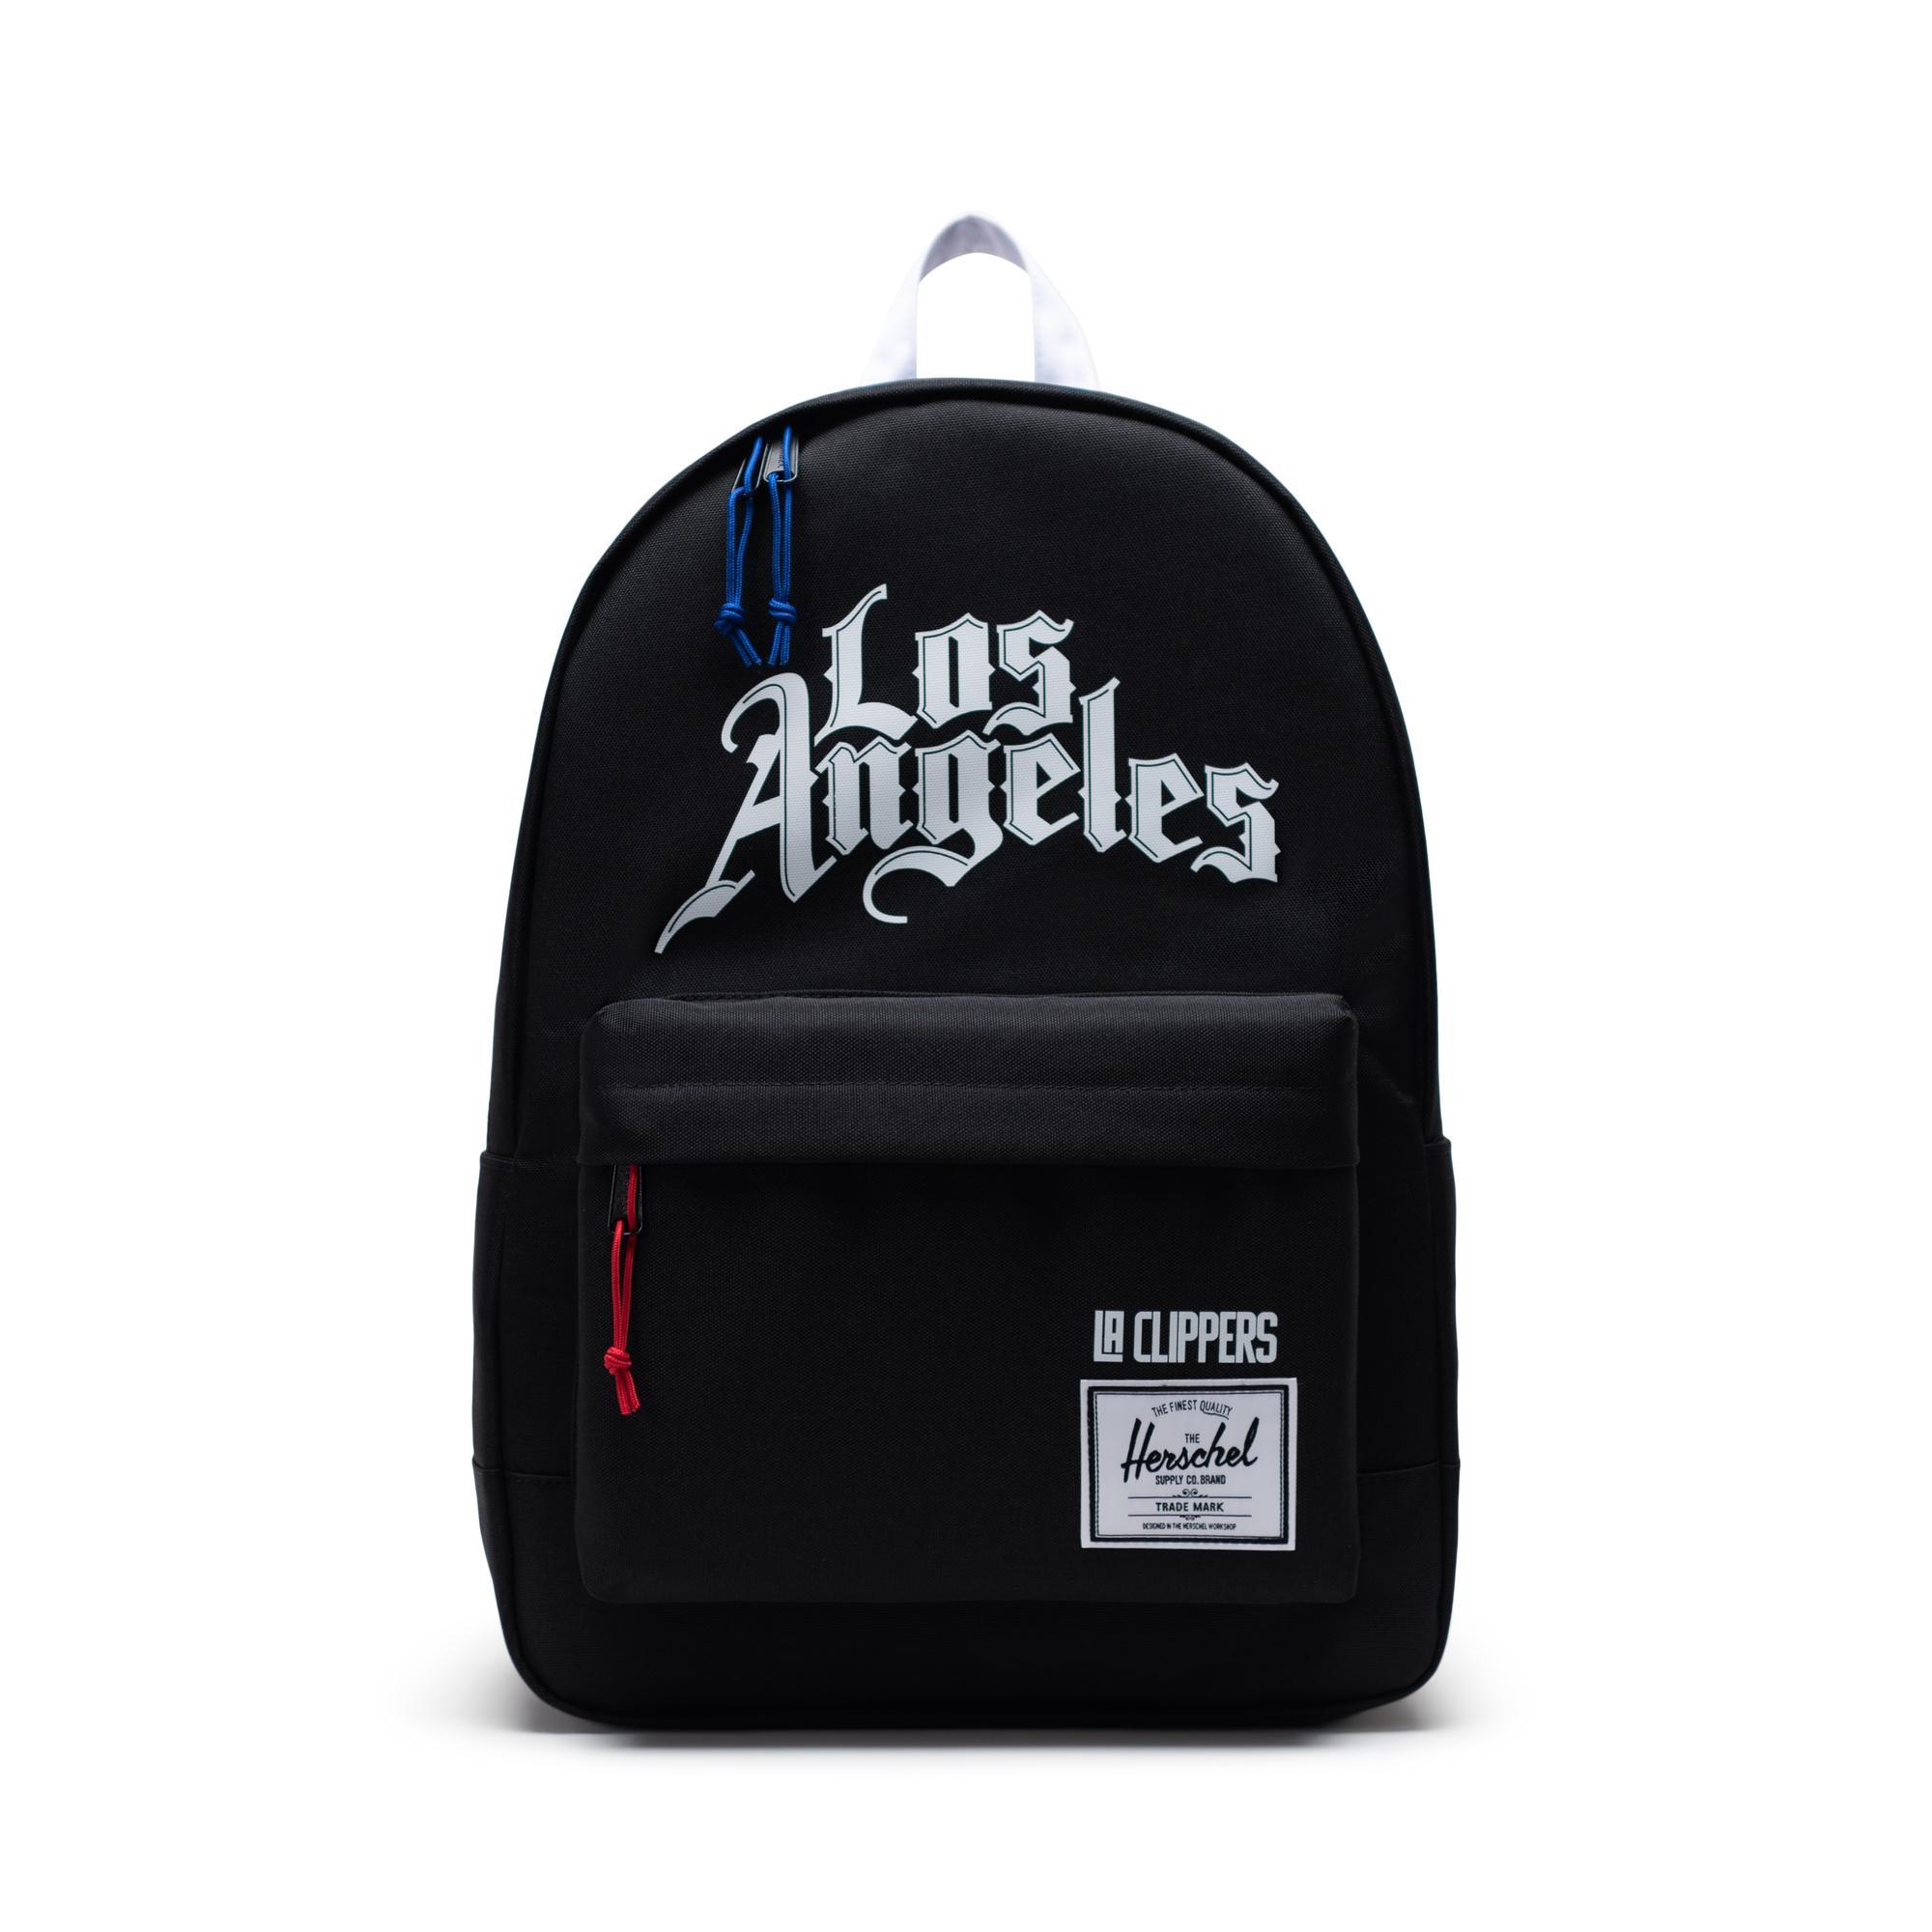 2020 City Editionシリーズ NBA Edition シティエディション 贈与 Herschel ハーシェル クラシックバックパックXL Los ロサンゼルス リュック Angeles クリッパーズ Clippers 永遠の定番